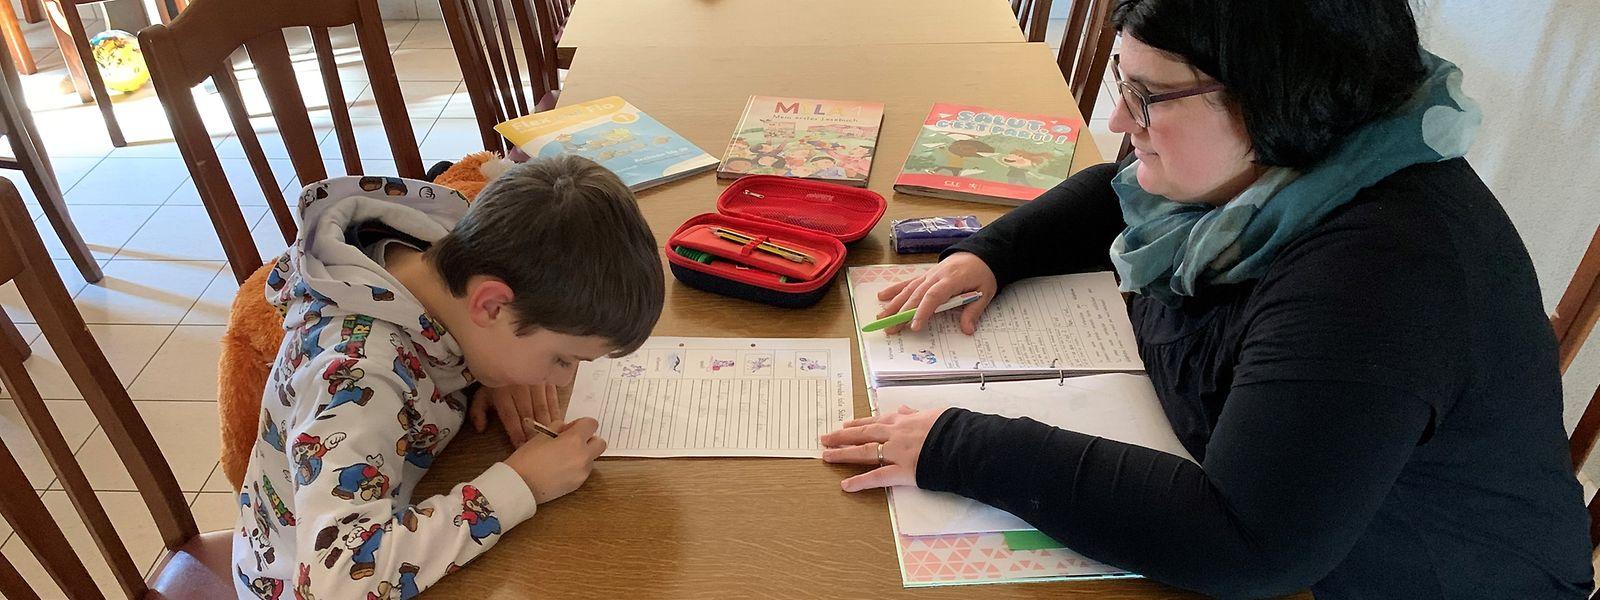 L'enseignement à domicile ne s'improvise pas et semble parfois compliqué pour les parents.